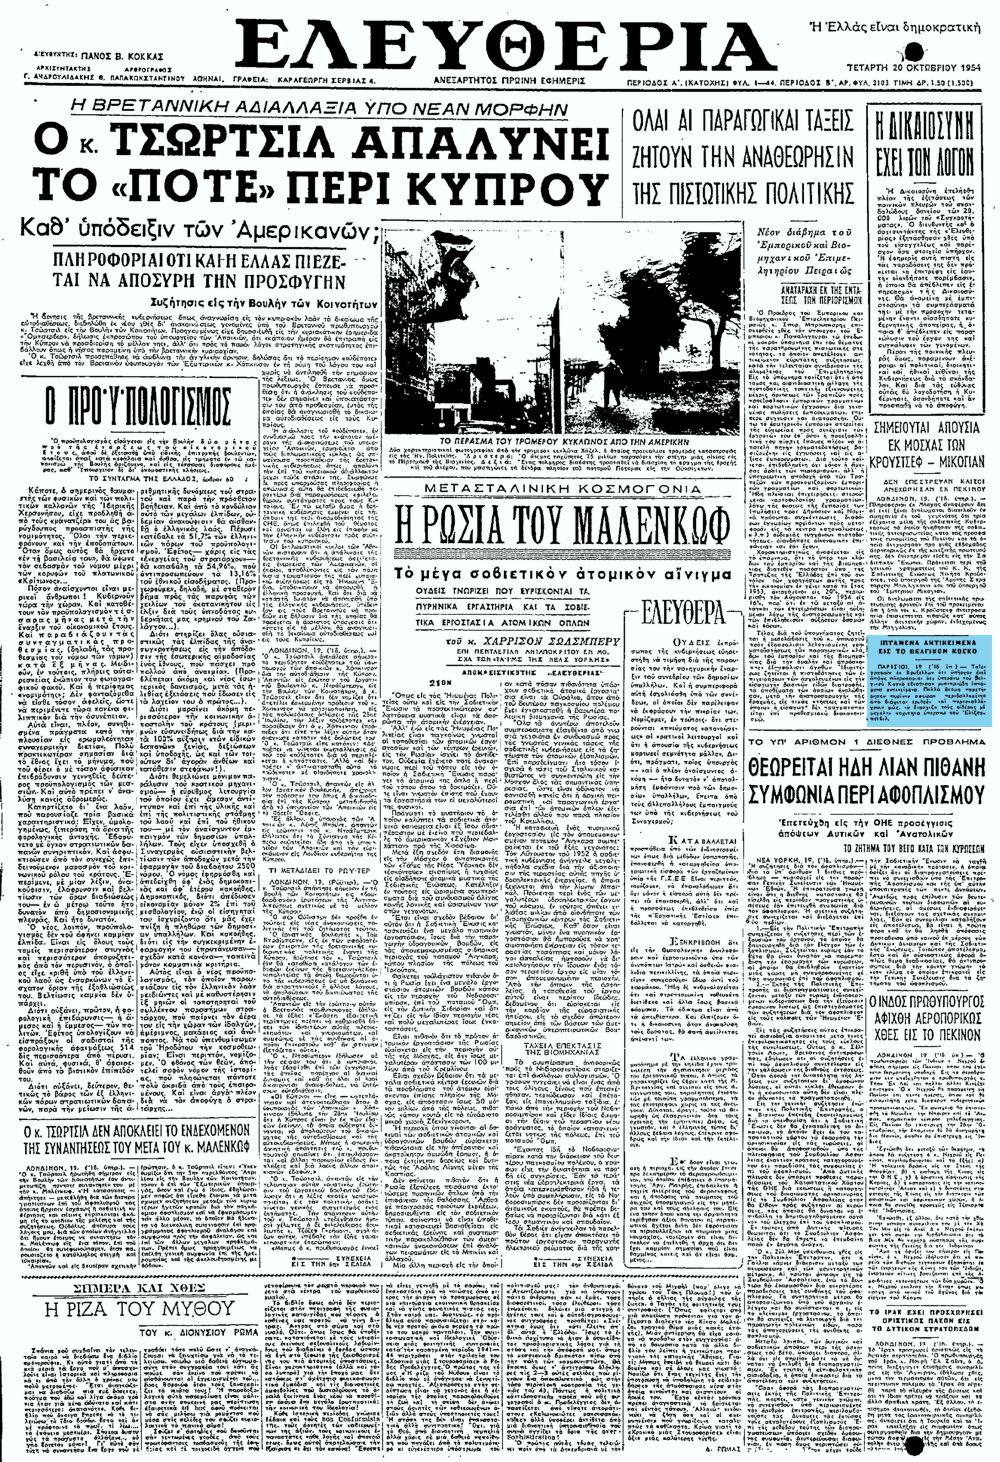 """Το άρθρο, όπως δημοσιεύθηκε στην εφημερίδα """"ΕΛΕΥΘΕΡΙΑ"""", στις 20/10/1954"""